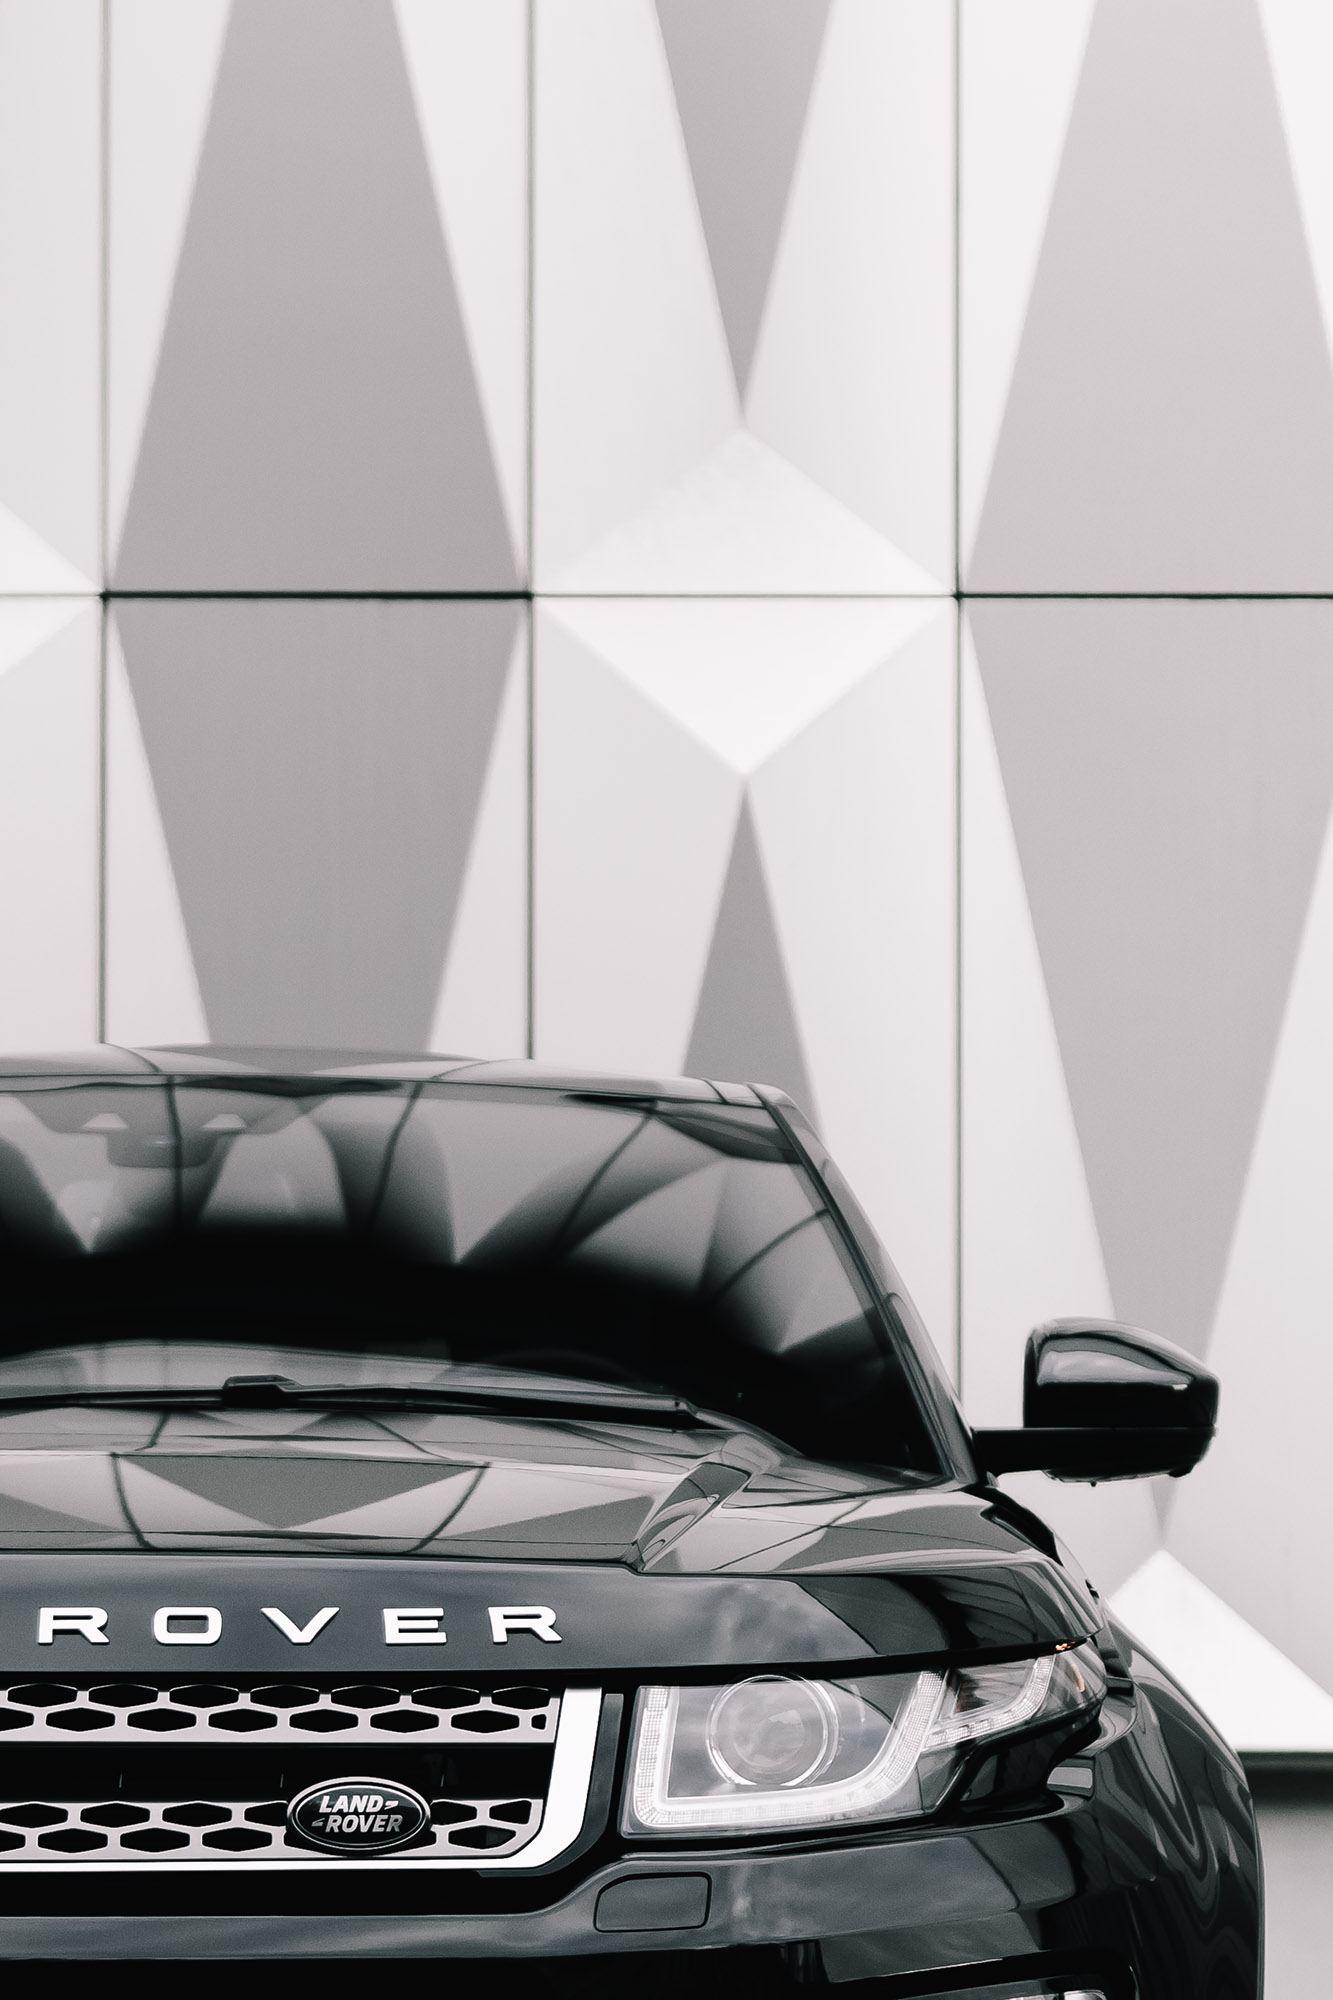 Range-Rover-Evoque-IGNANT-Alejandro-Arretureta-001